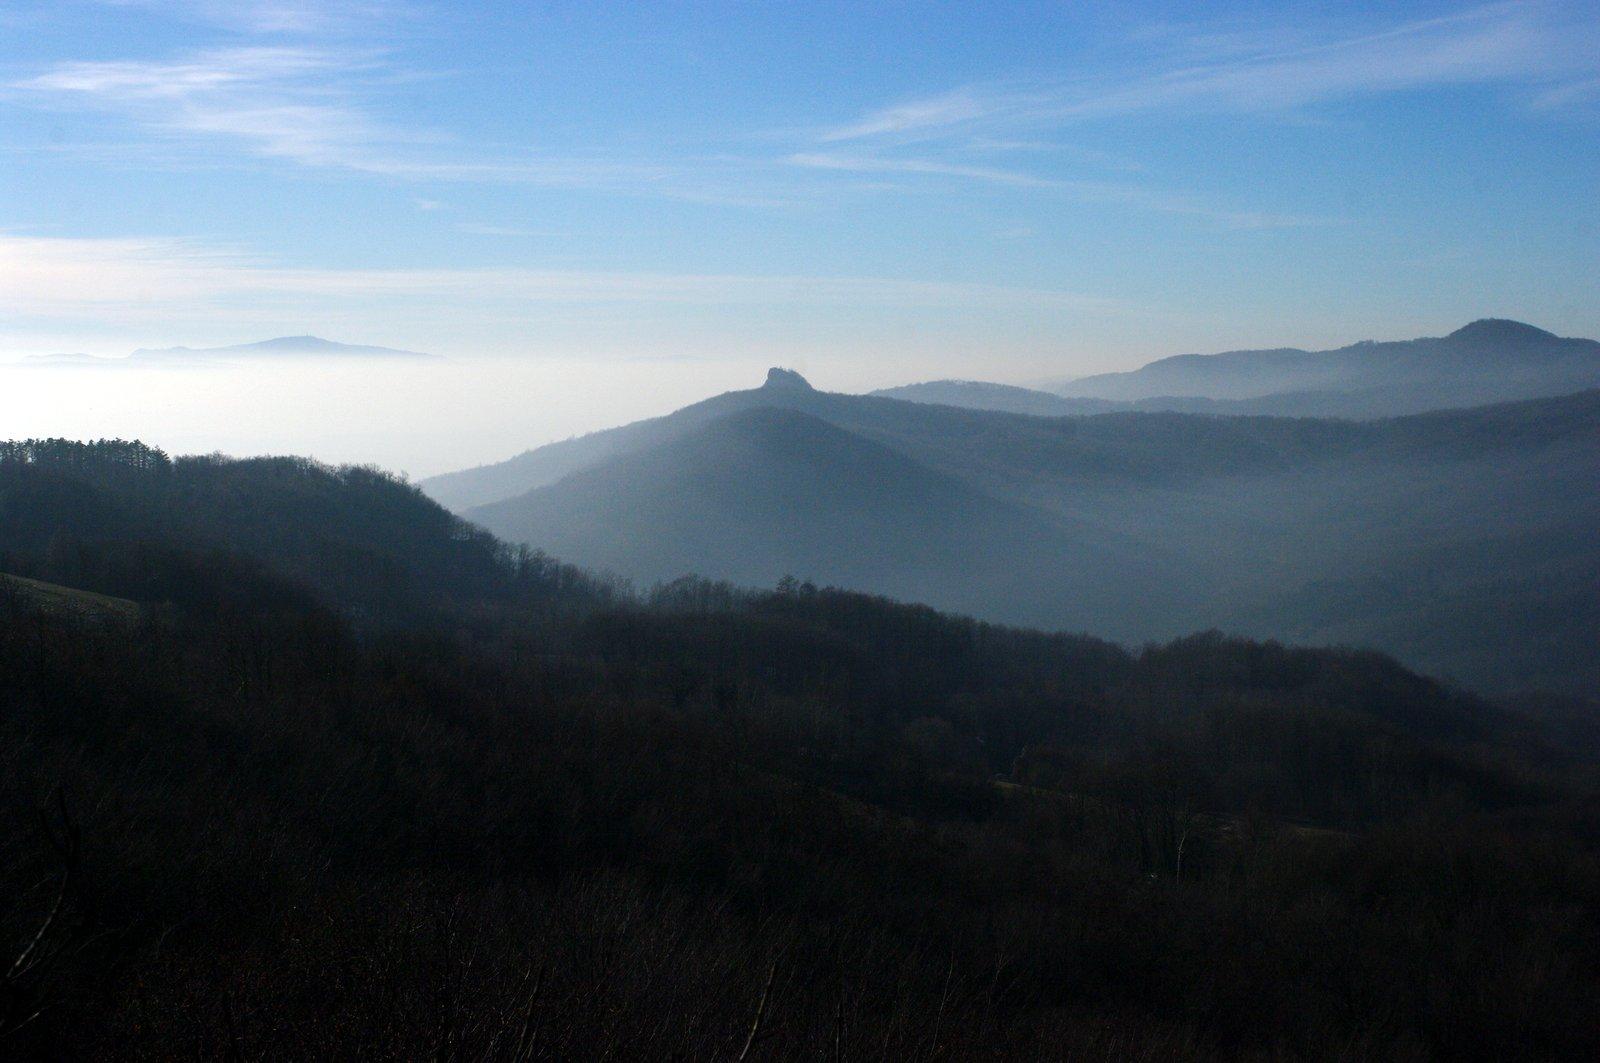 imgp1709_stefanjsko_planinarenje_bozicni_poklon_kalnik_kolumna_planinarski_kutak_2016_by_bozidar_poljak